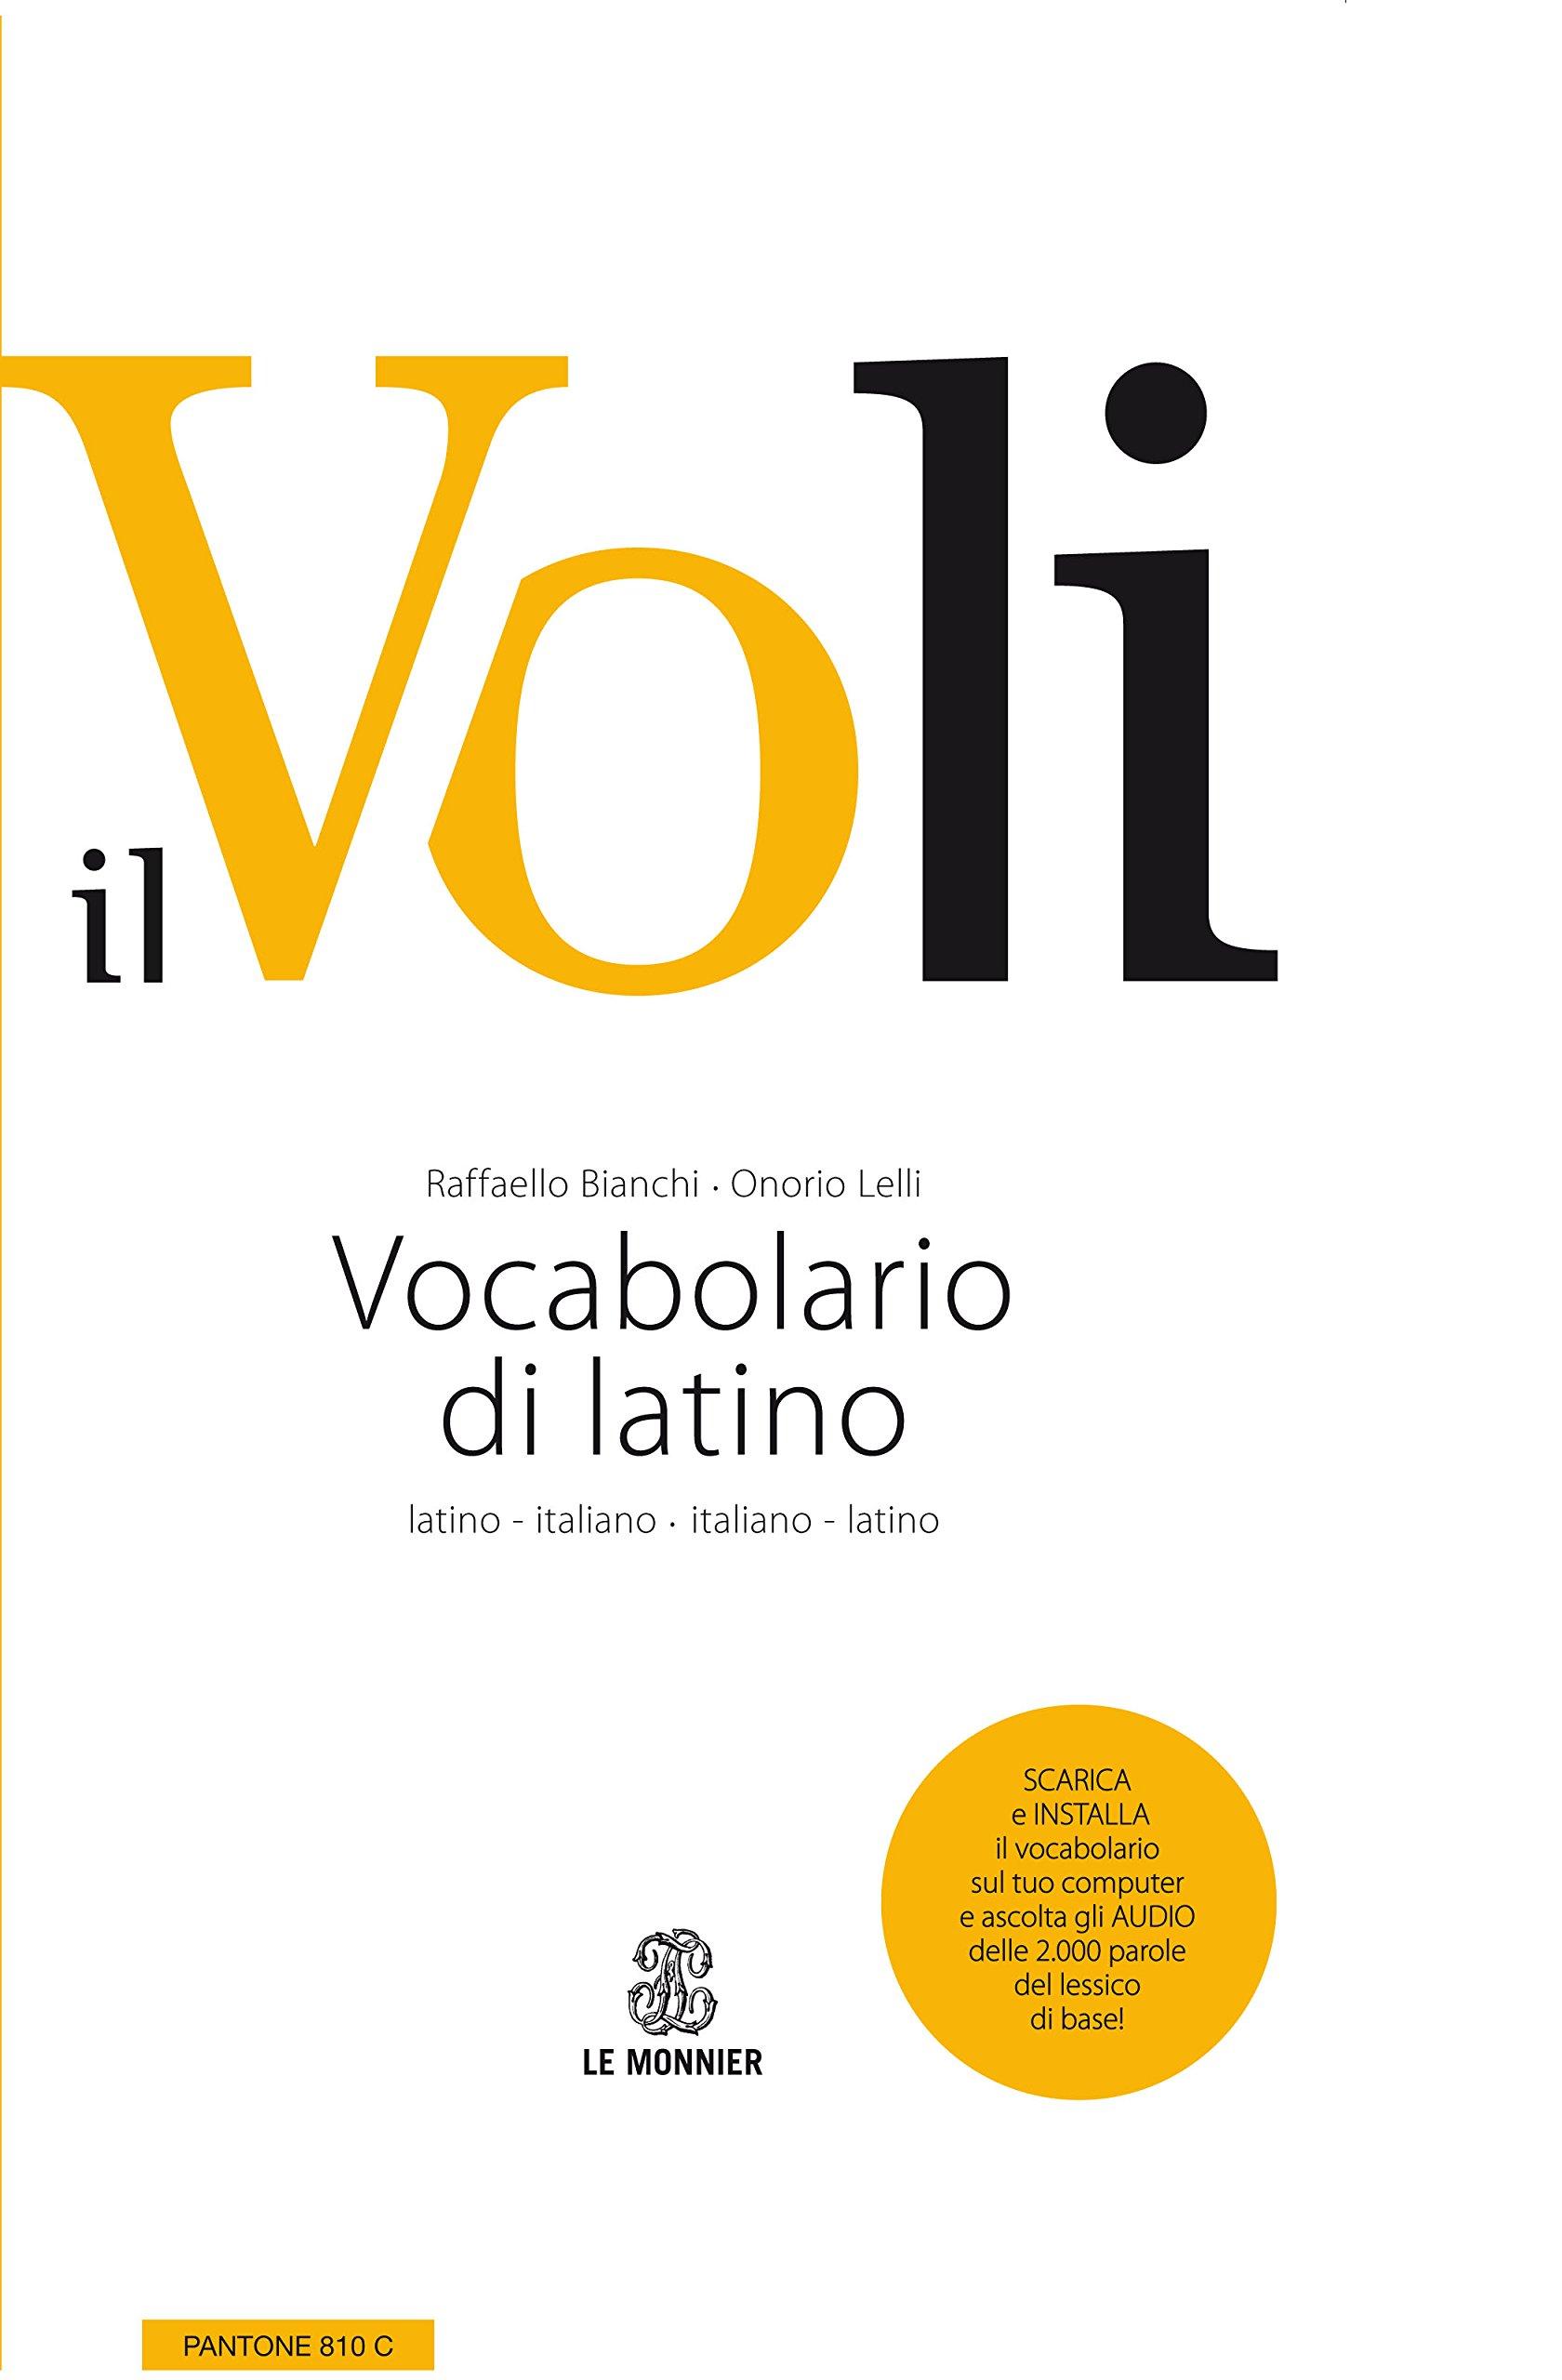 Il Voli. Vocabolario di latino. Latino-italiano 8cd89e03b457